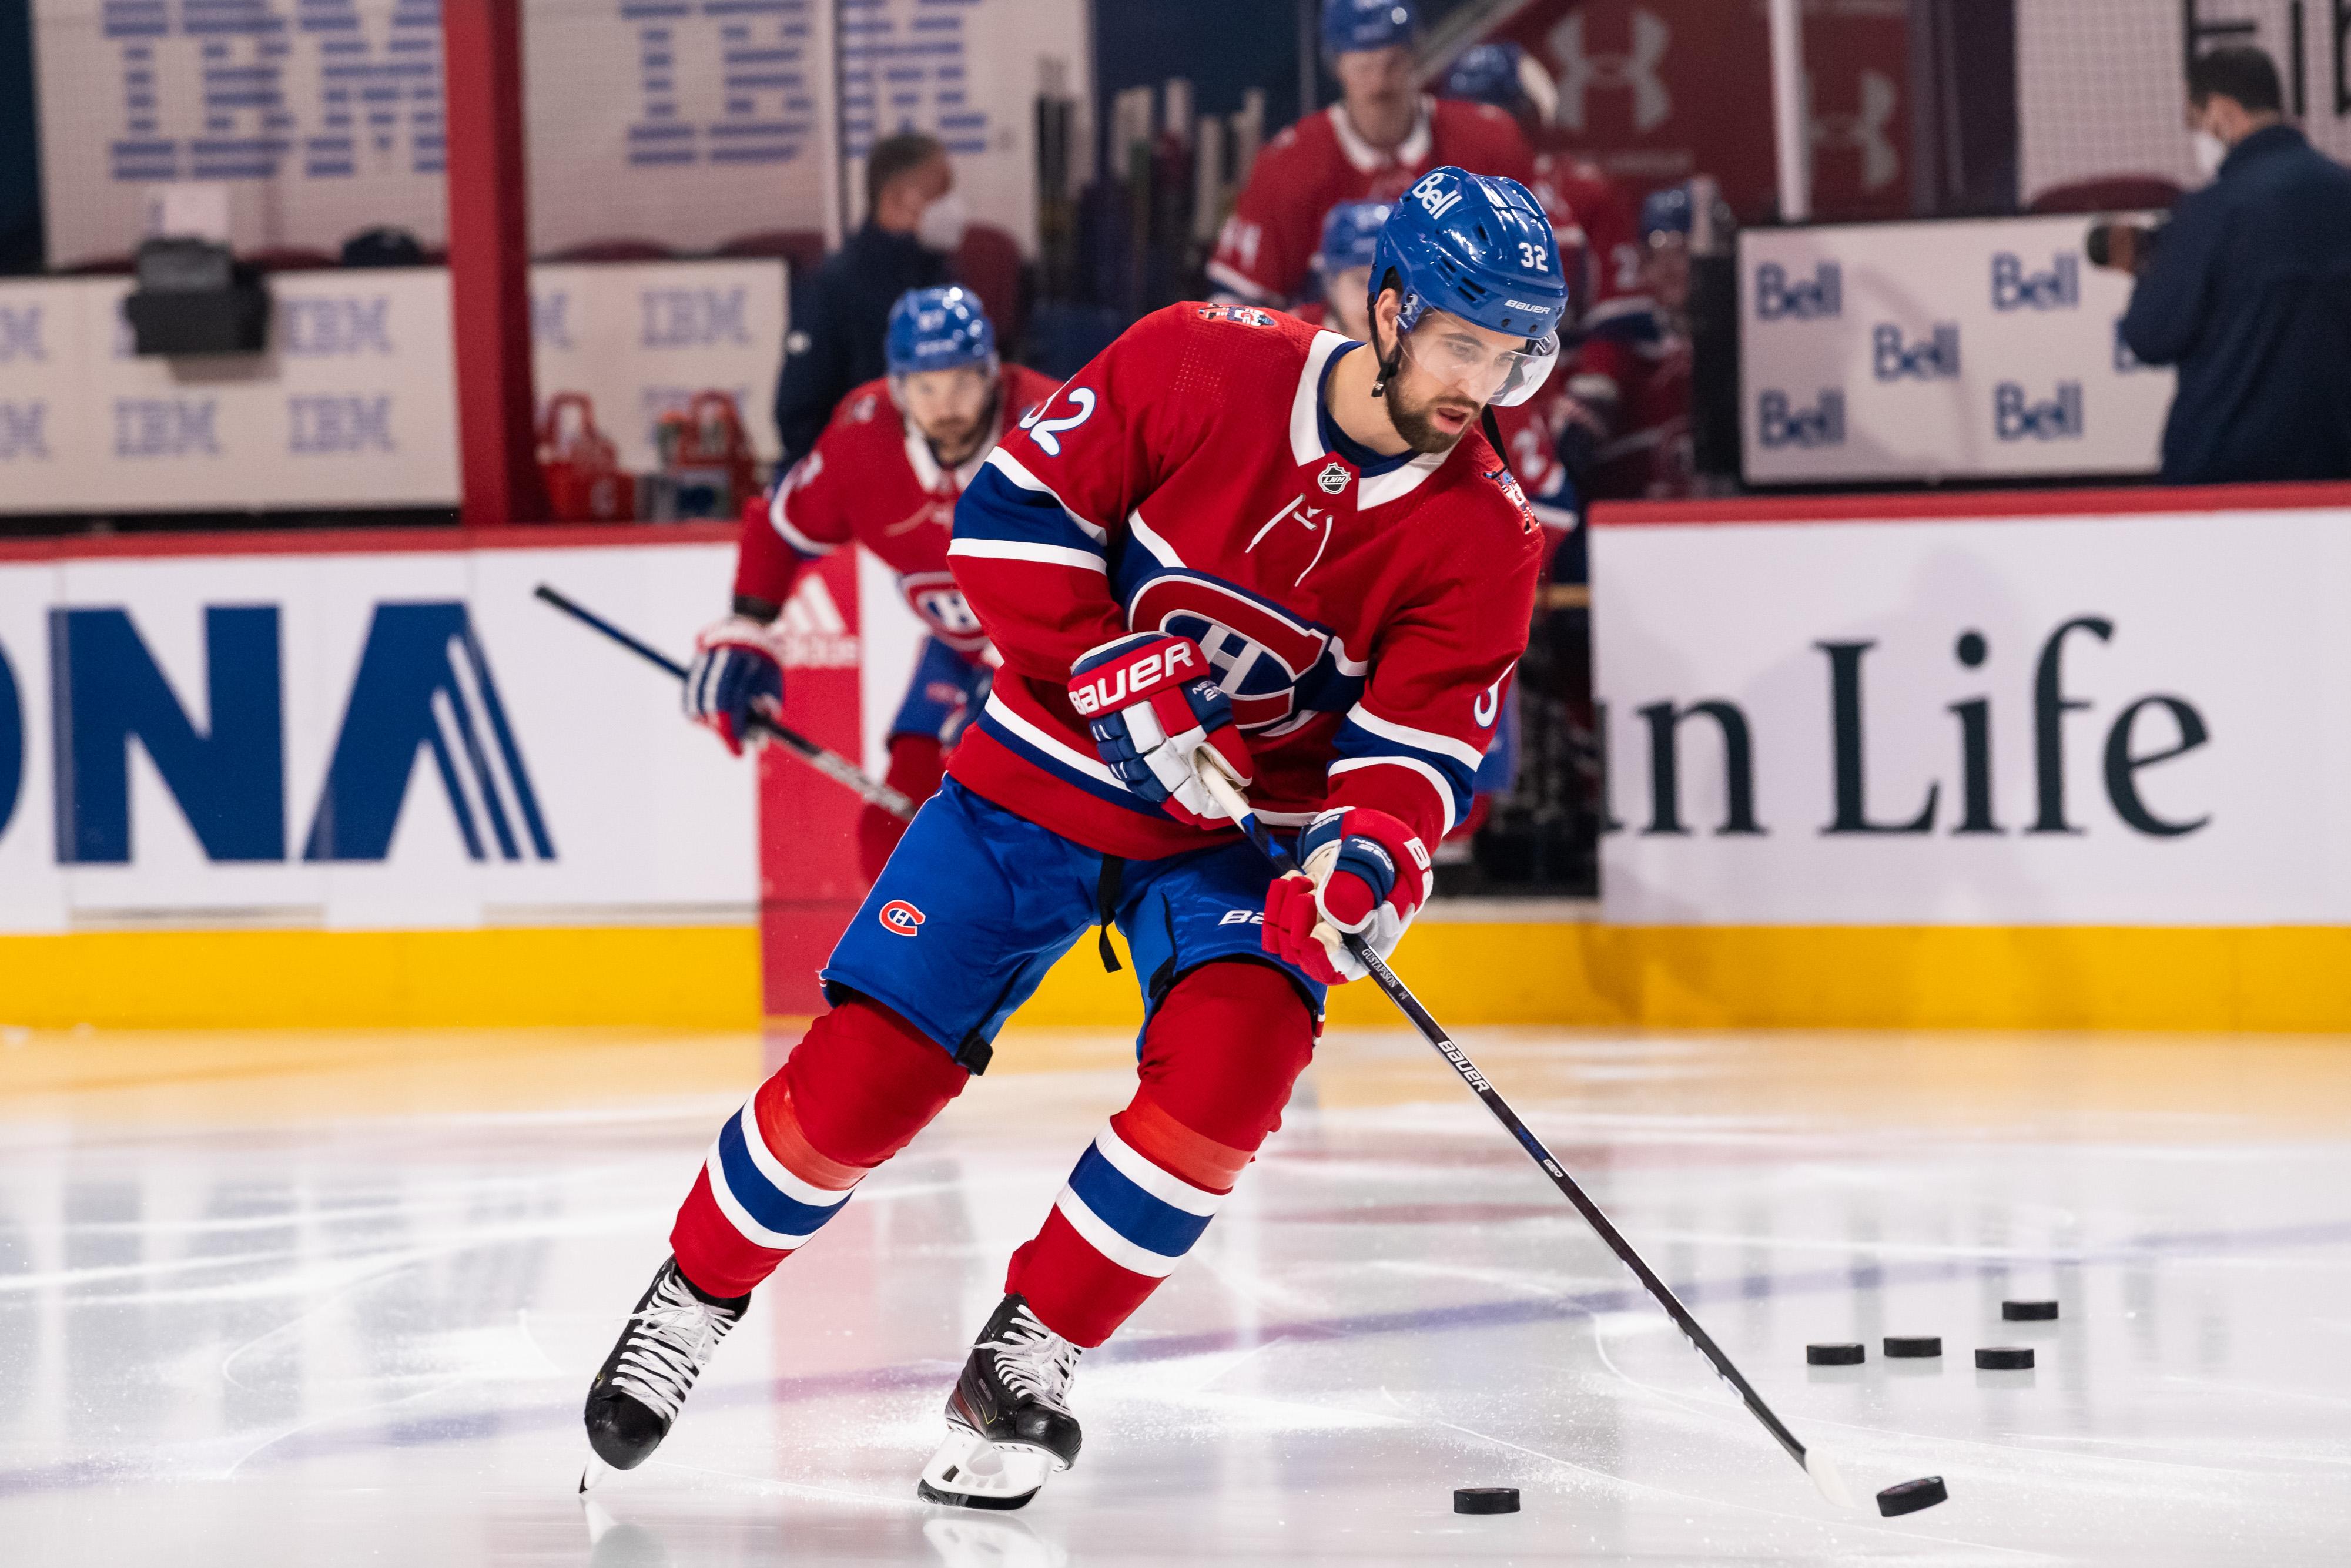 NHL: APR 28 Maple Leafs at Canadiens